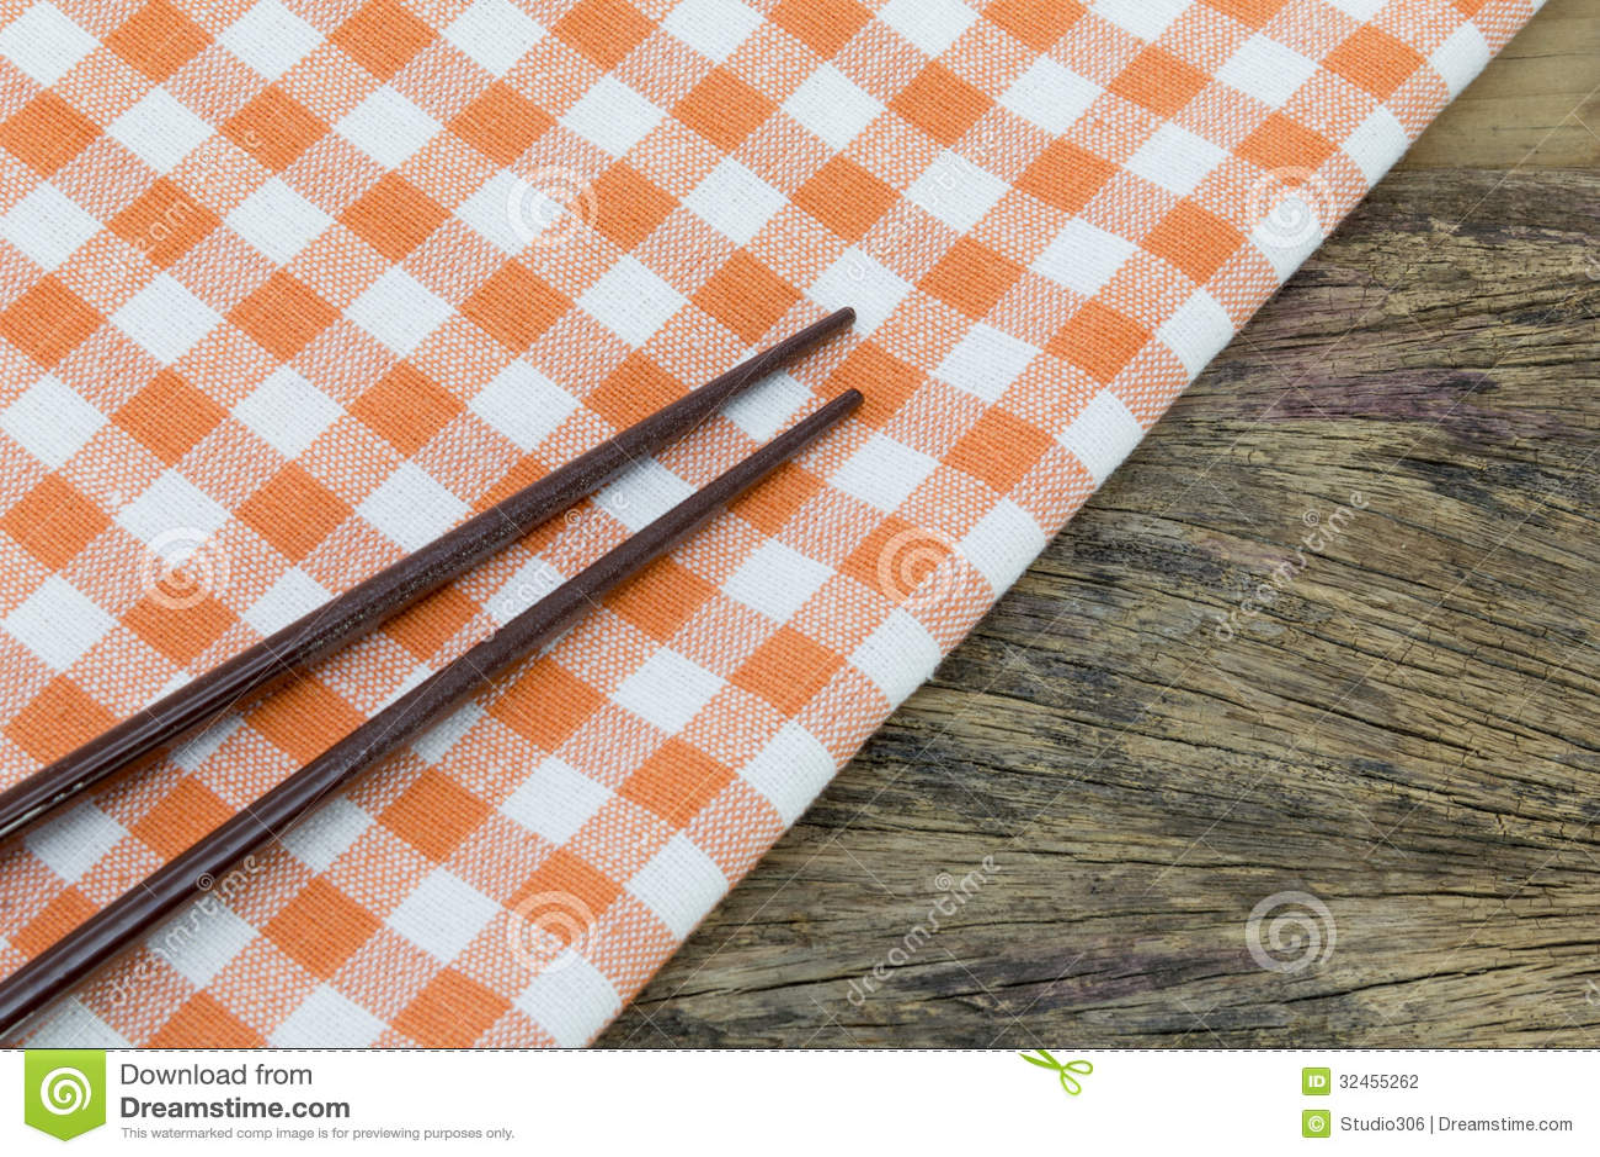 Τραπεζομάντιλο με chopsticks